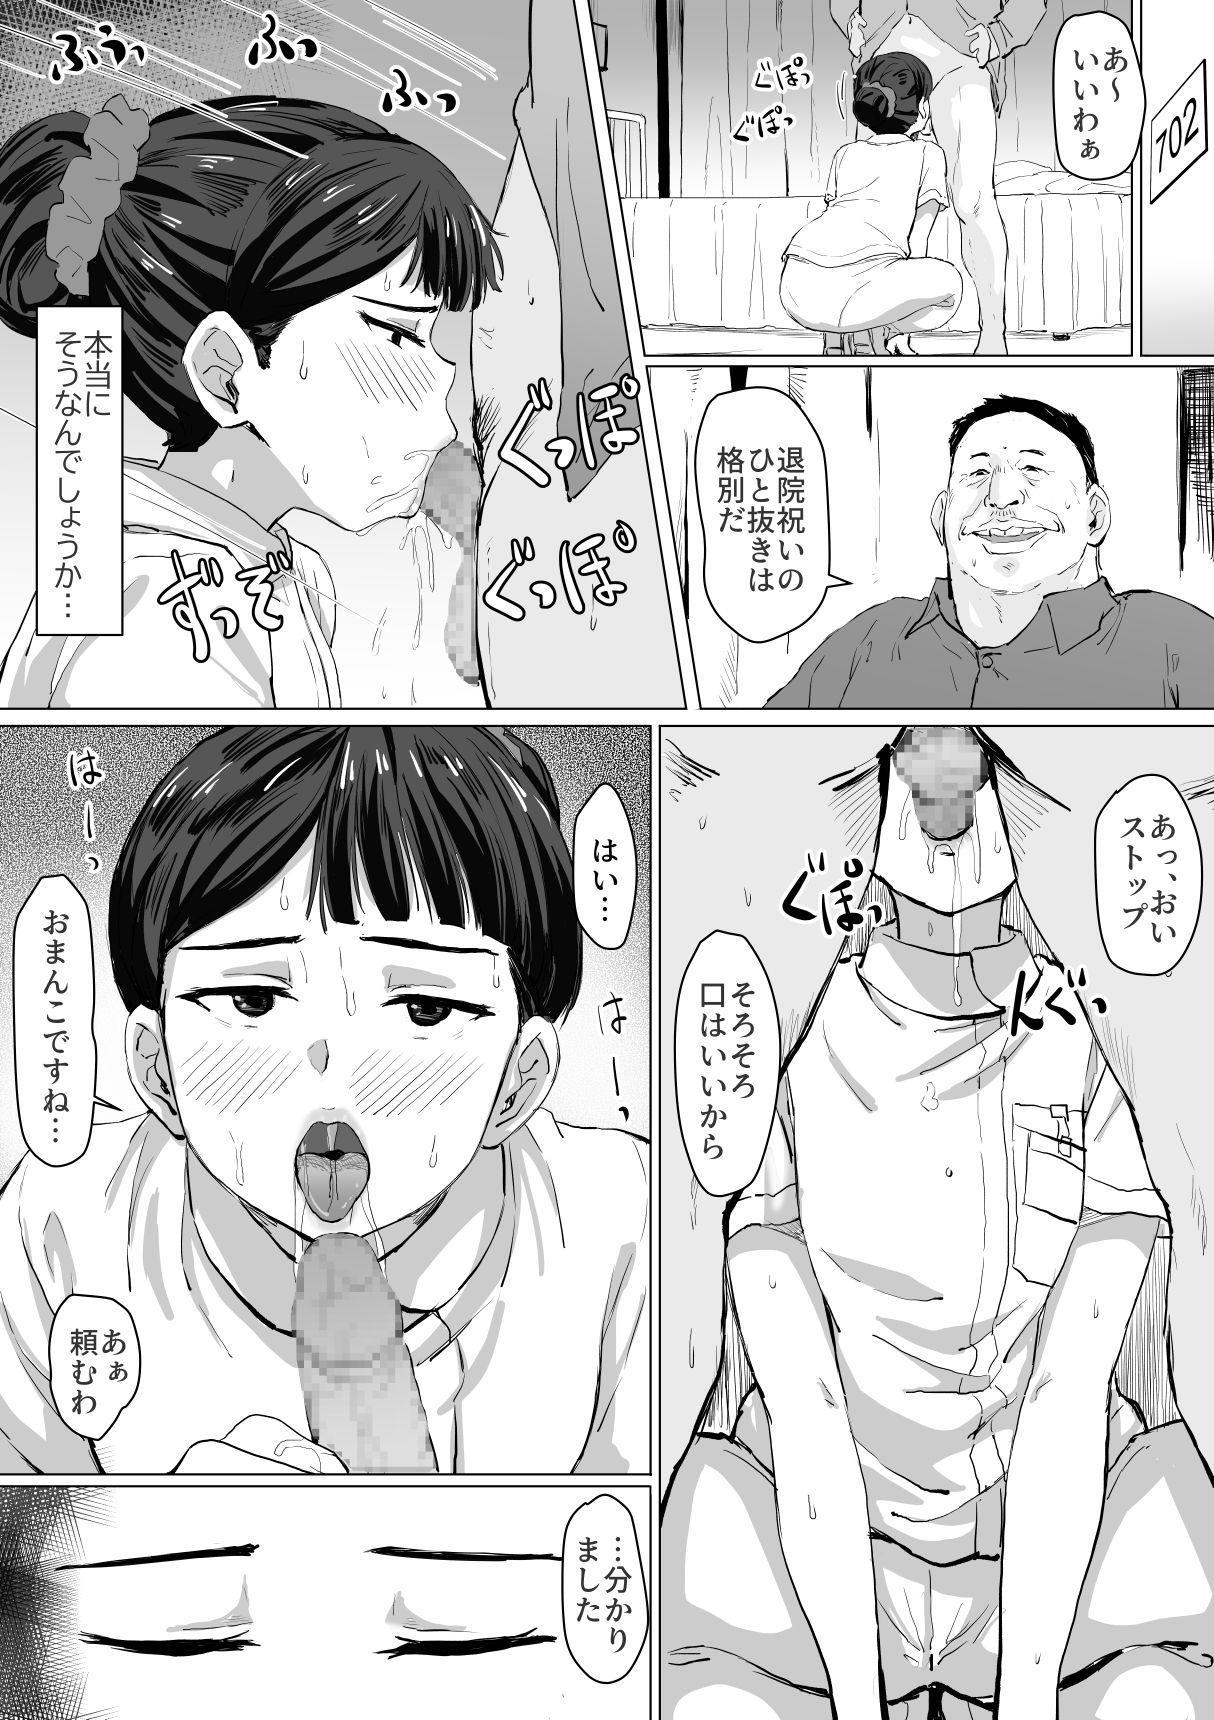 Kimajime Nurse no Seiyoku Shori Jisshuu 29